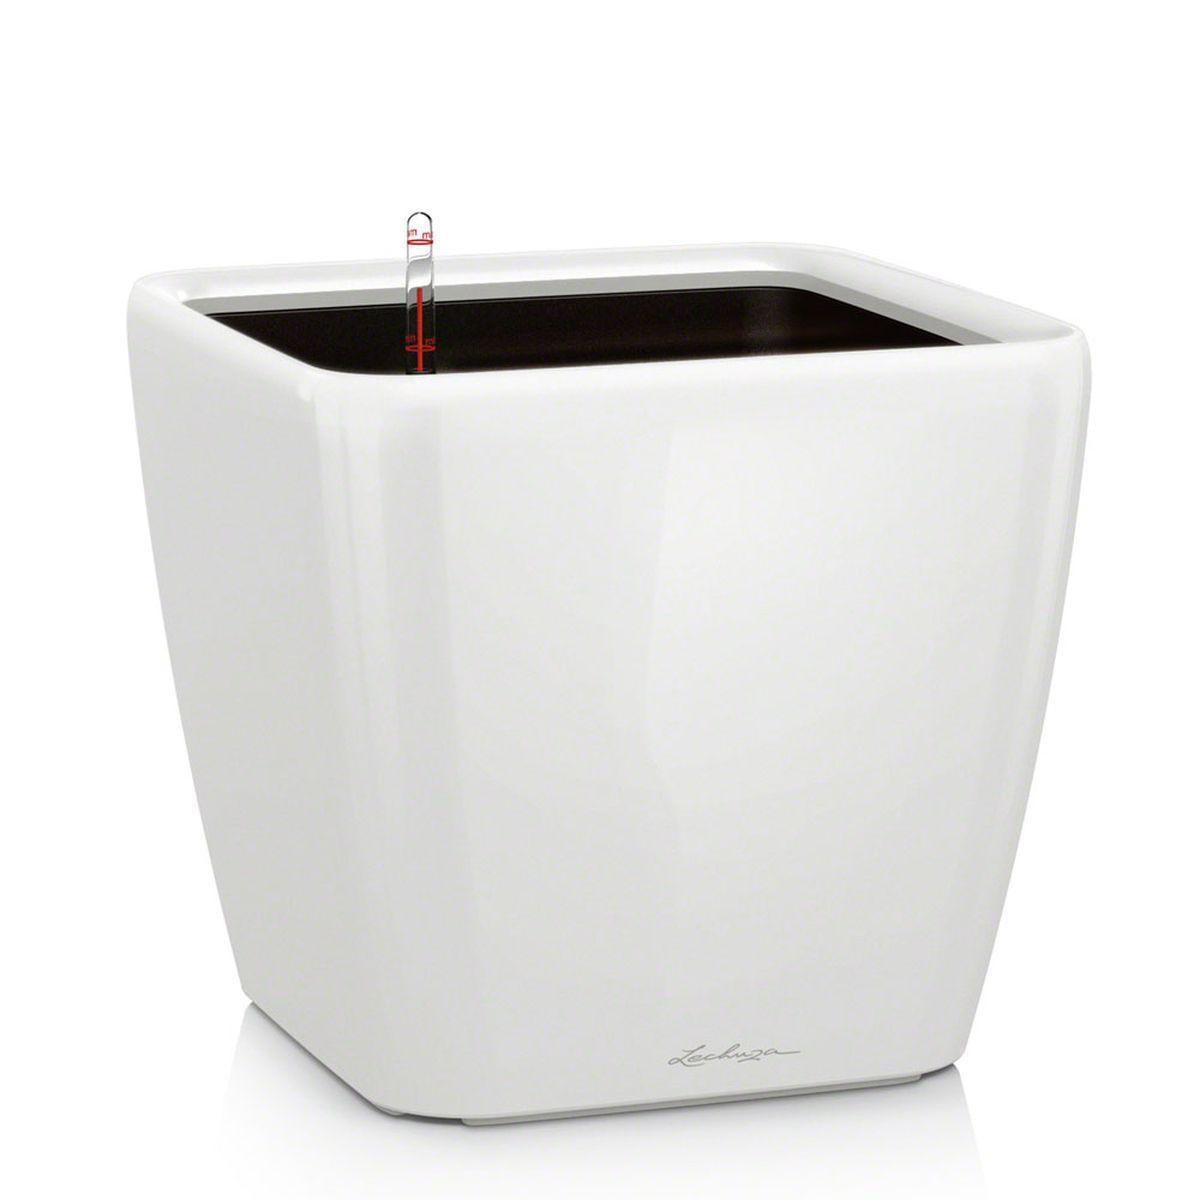 Кашпо Lechuza Quadro, с системой автополива, цвет: белый, 33 х 33 х 35 см16160Кашпо Lechuza Quadro, выполненное из высококачественного пластика, имеет уникальную систему автополива, благодаря которой корневая система растения непрерывно снабжается влагой из резервуара. Уровень воды в резервуаре контролируется с помощью специального индикатора. В зависимости от размера кашпо и растения воды хватает на 2-12 недель. Это способствует хорошему росту цветов и предотвращает переувлажнение. В набор входит: кашпо, внутренний горшок, индикатор уровня воды, вал подачи воды, субстрат растений в качестве дренажного слоя, резервуар для воды. Кашпо Lechuza Quadro прекрасно впишется в любой интерьер. Оно поможет расставить нужные акценты и придаст помещению вид, соответствующий вашим представлениям.